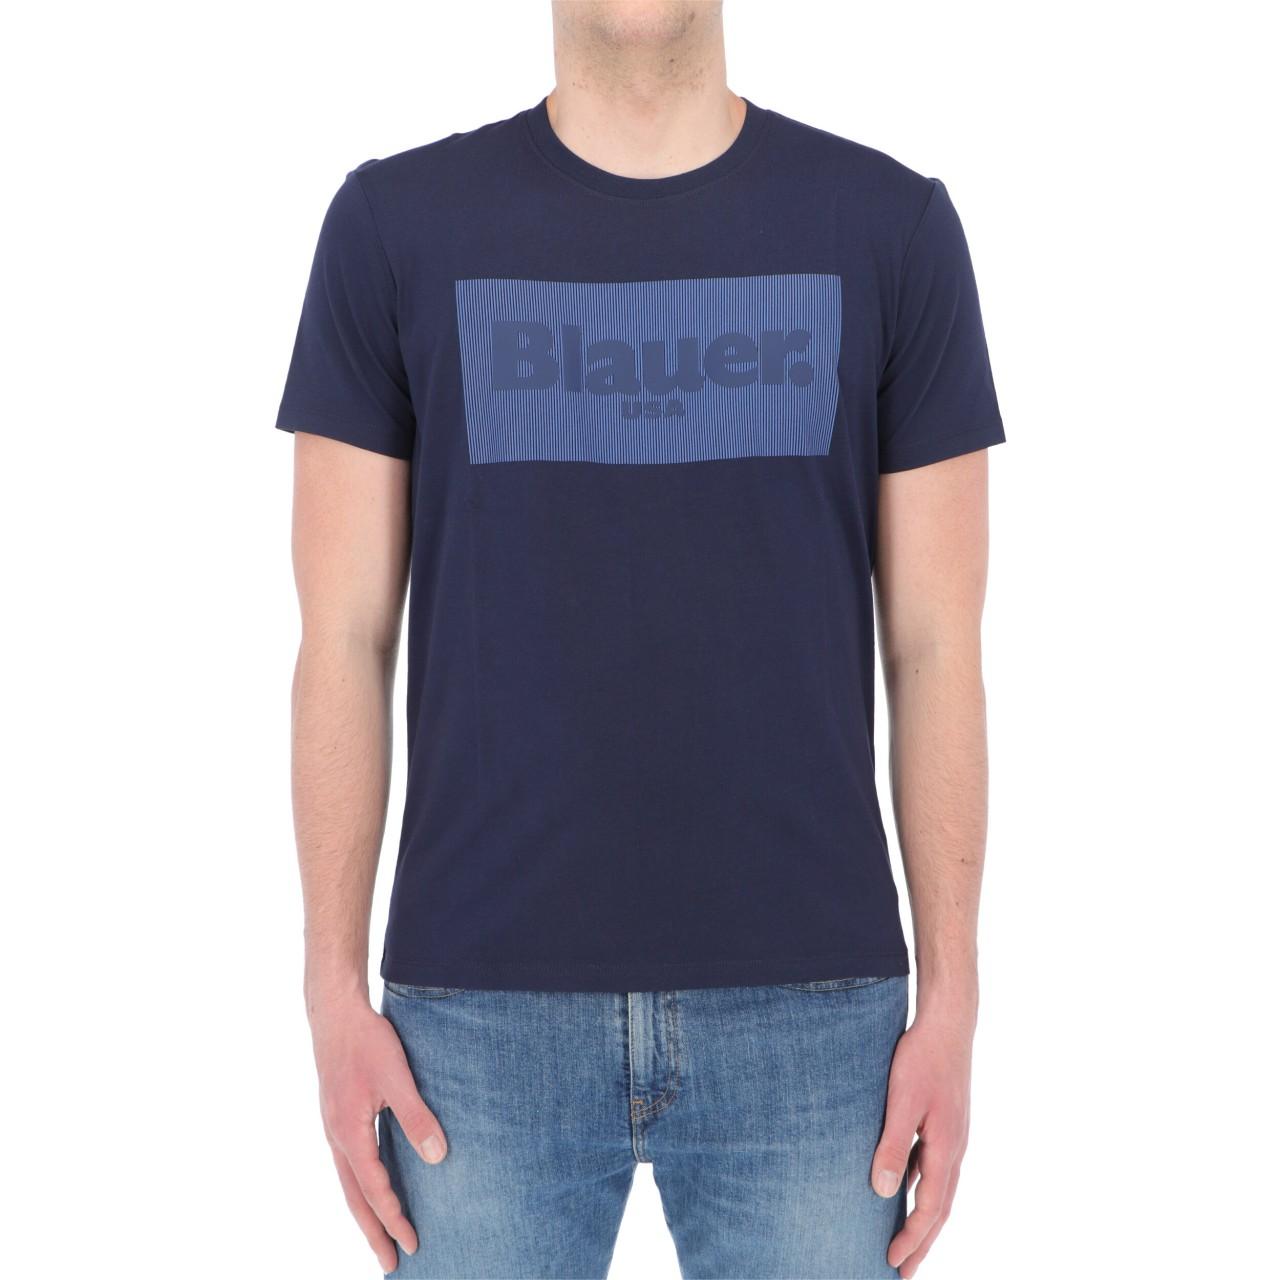 Blauer Uomo Tshirt Blauer Usa Uomo Cotone Stampa 2133P